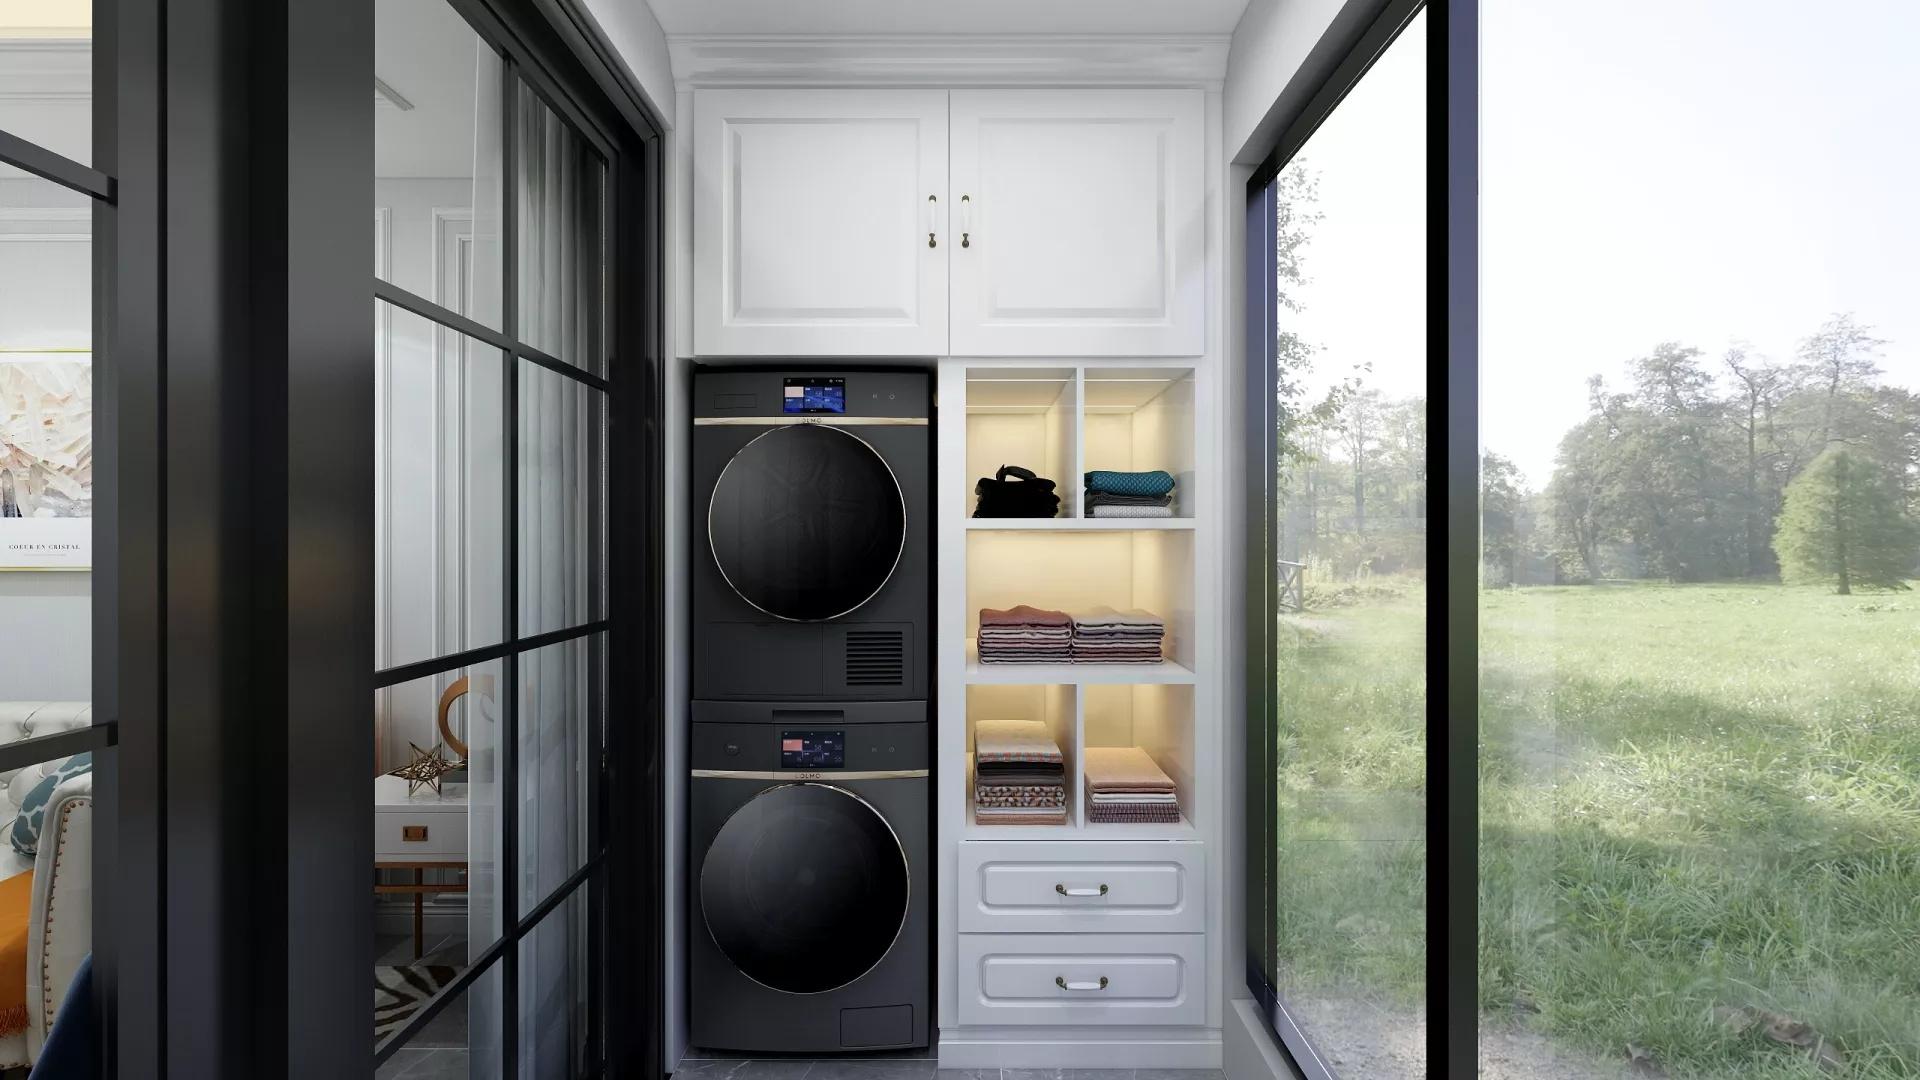 浴室柜选购技巧有哪些 浴室柜保养小窍门